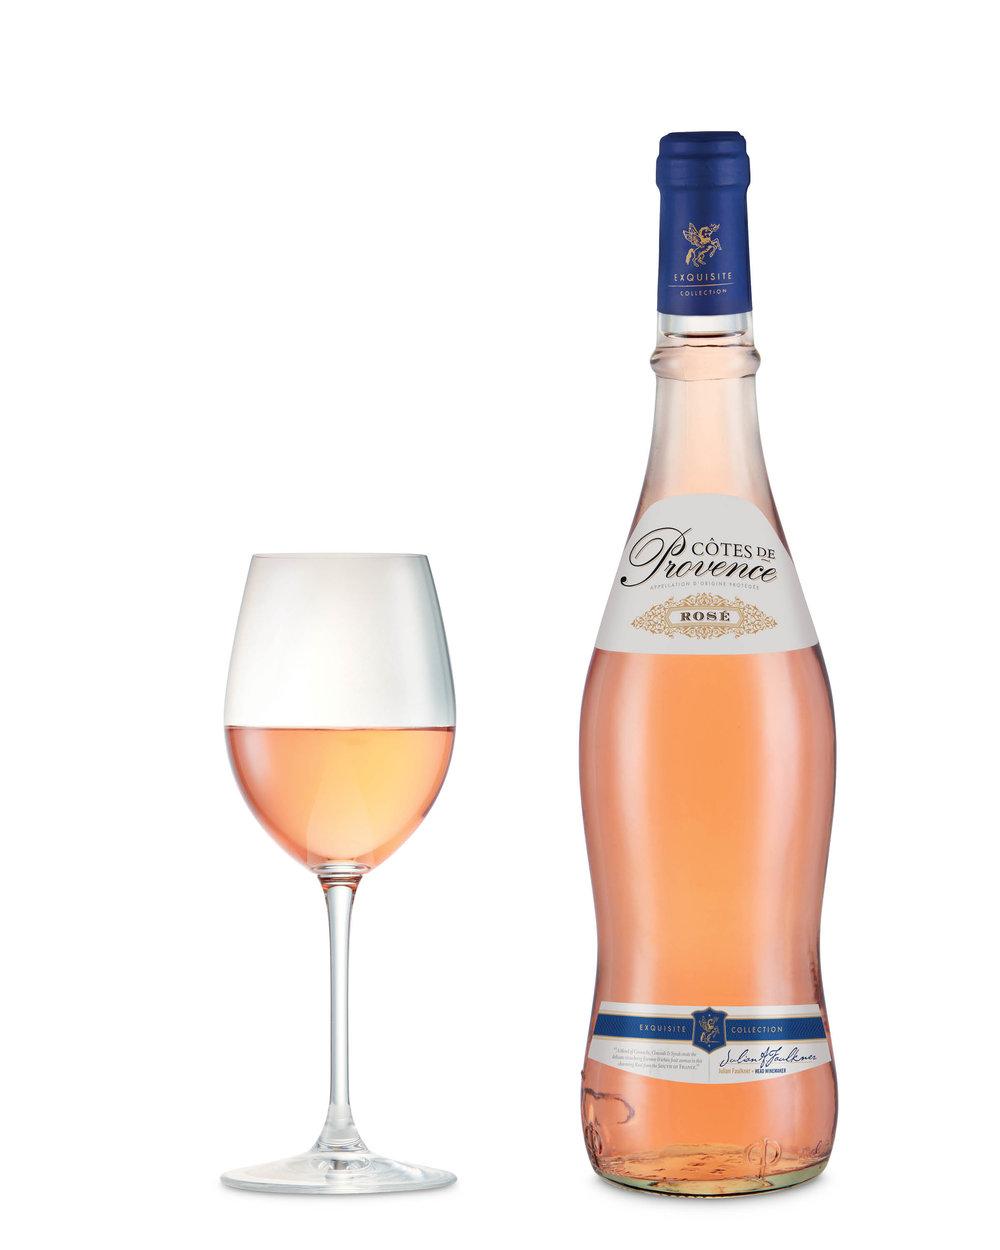 Exquisite Collection Côtes de Provence Rosé 2018